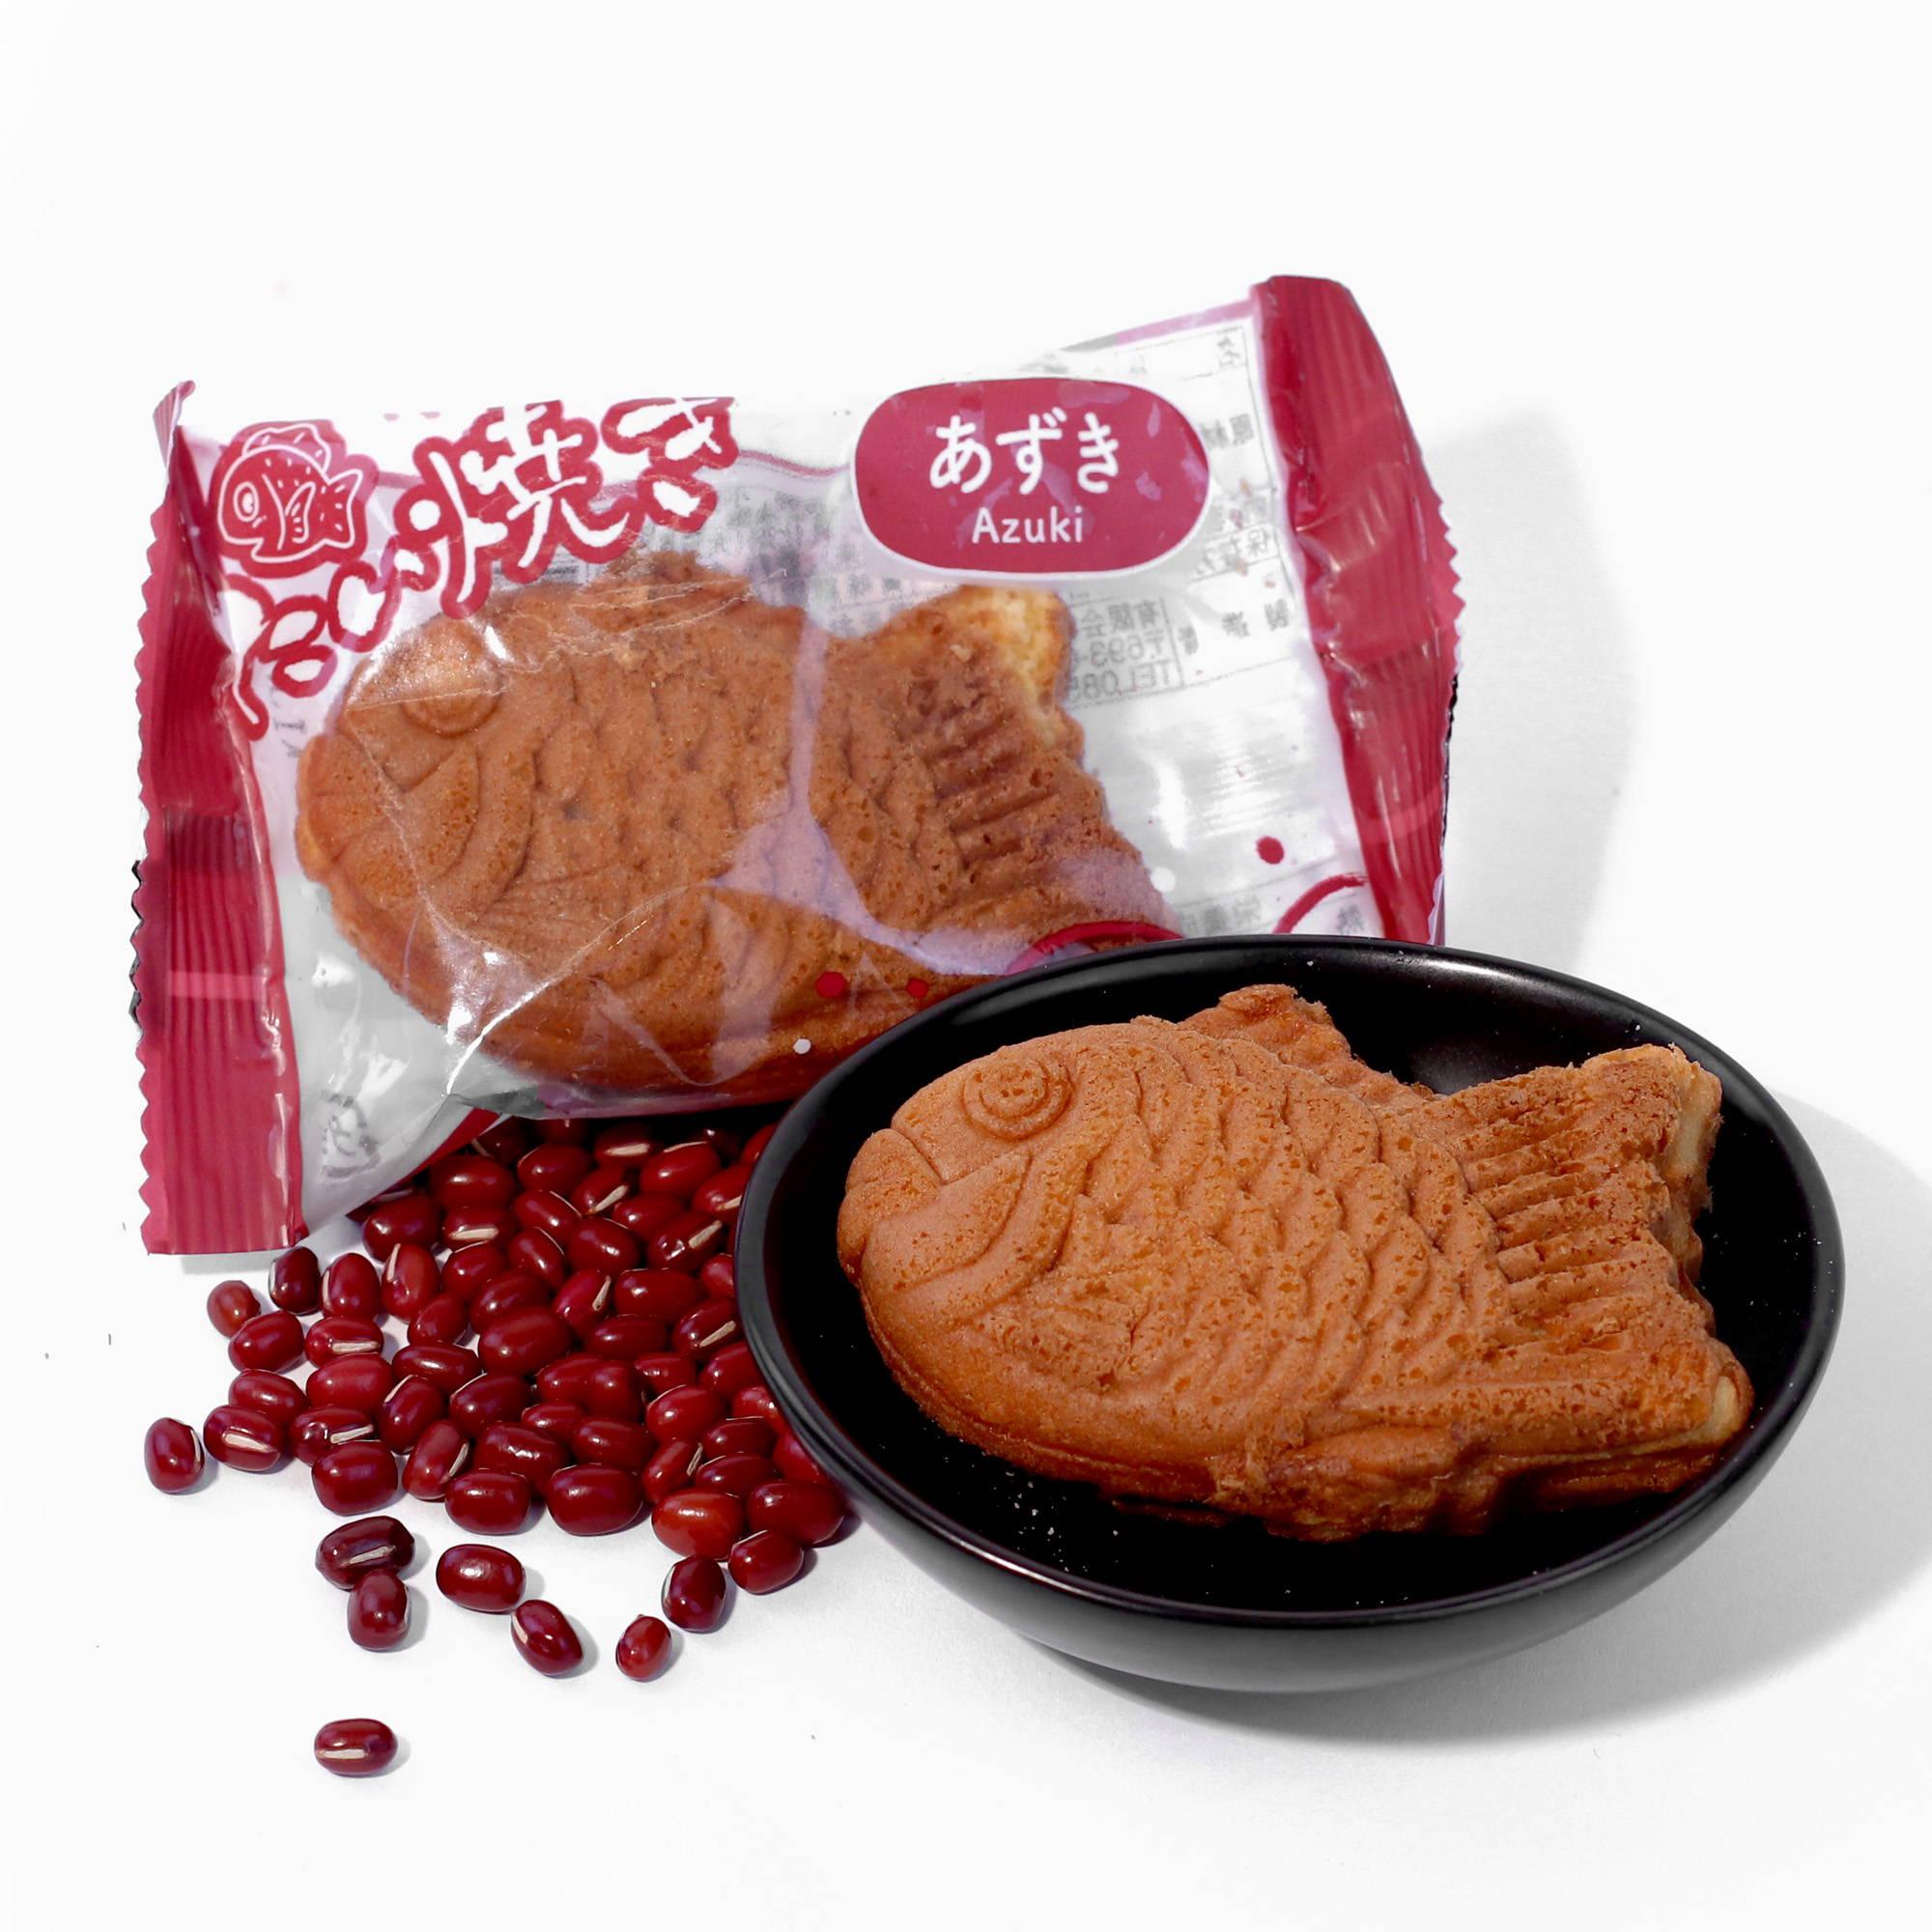 Izumo No Enmusubi Taiyaki: Azuki Red Bean